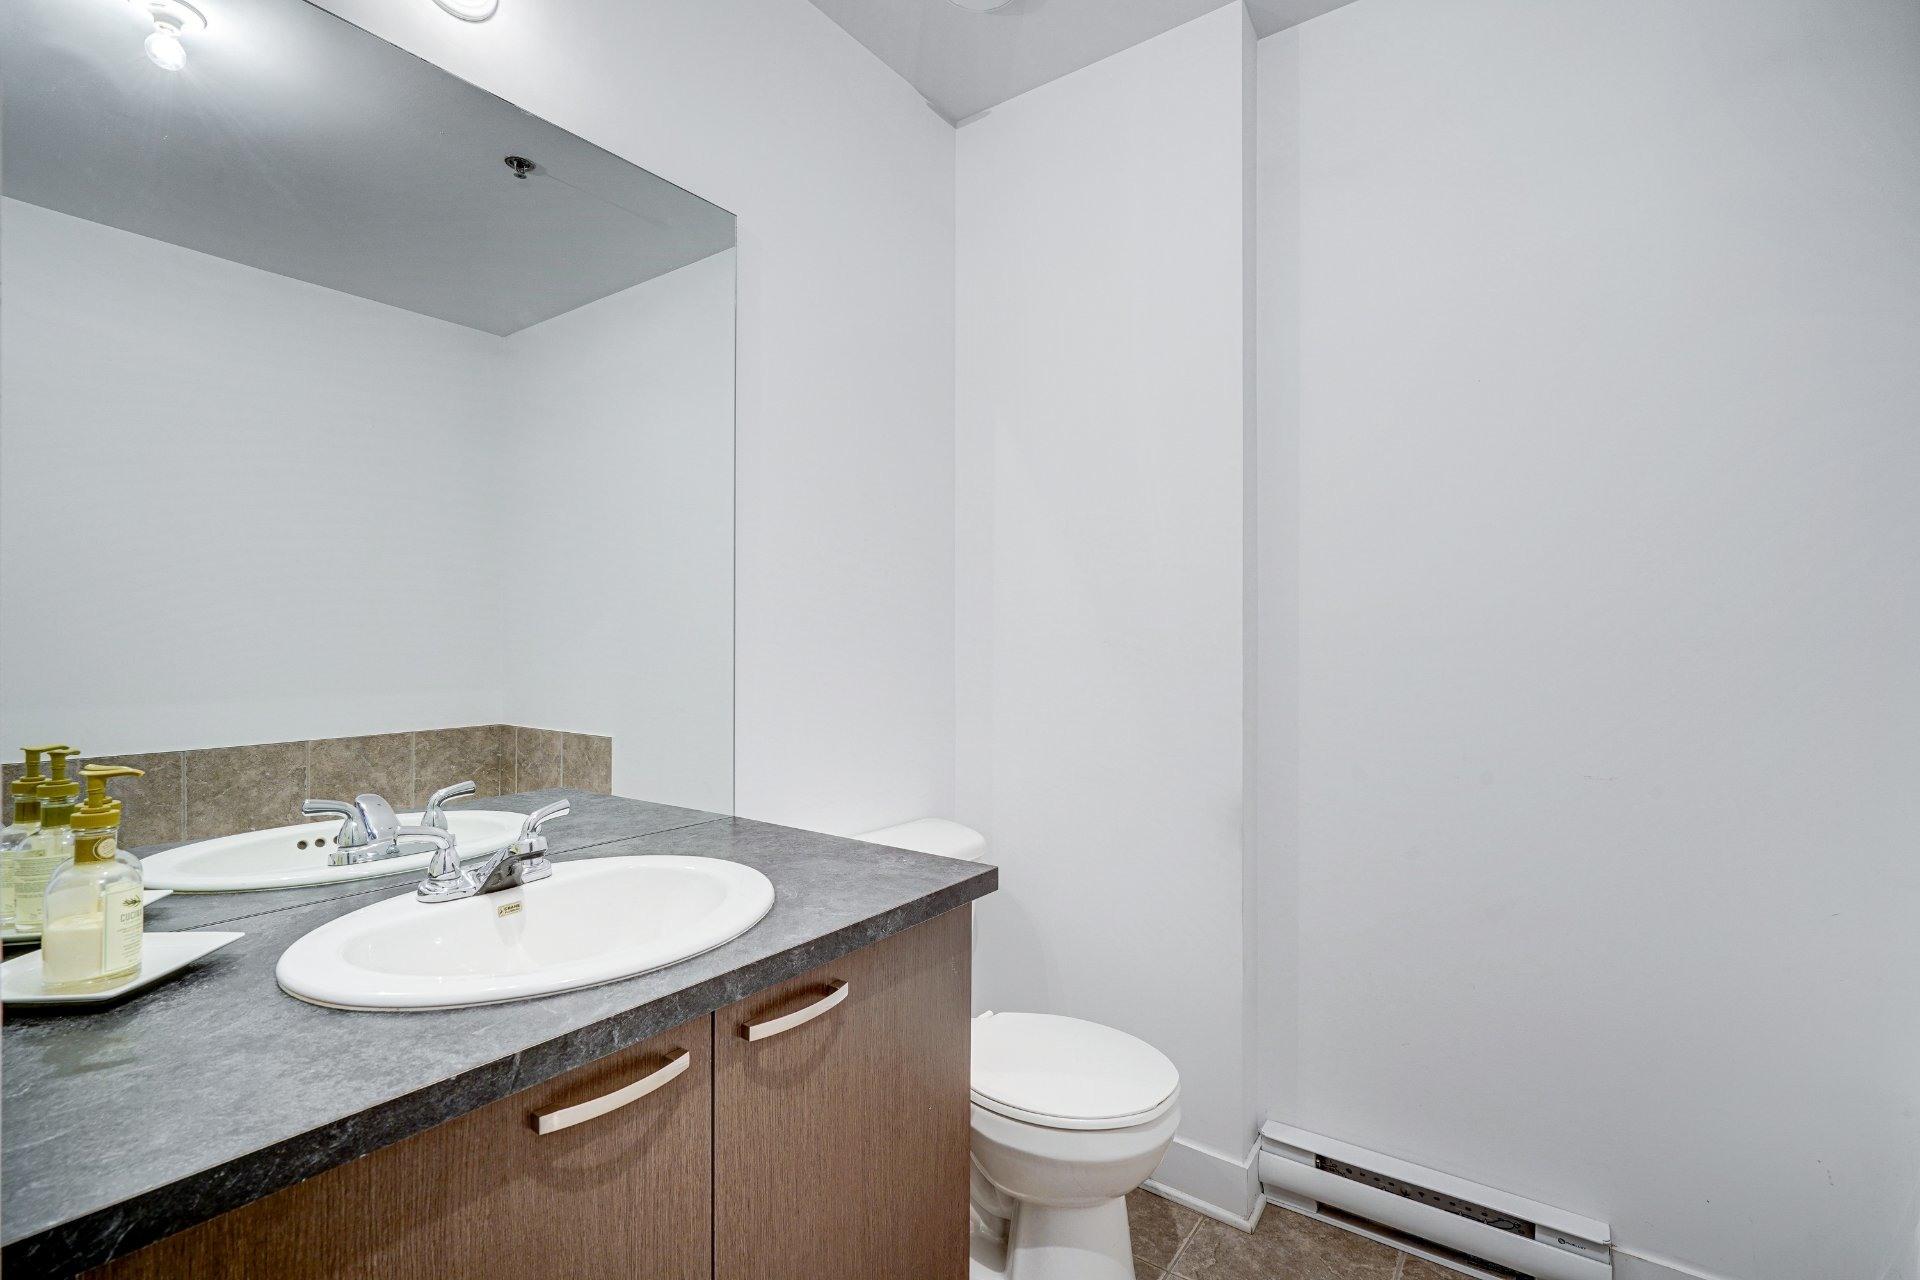 image 15 - Appartement À vendre Saint-Laurent Montréal  - 7 pièces